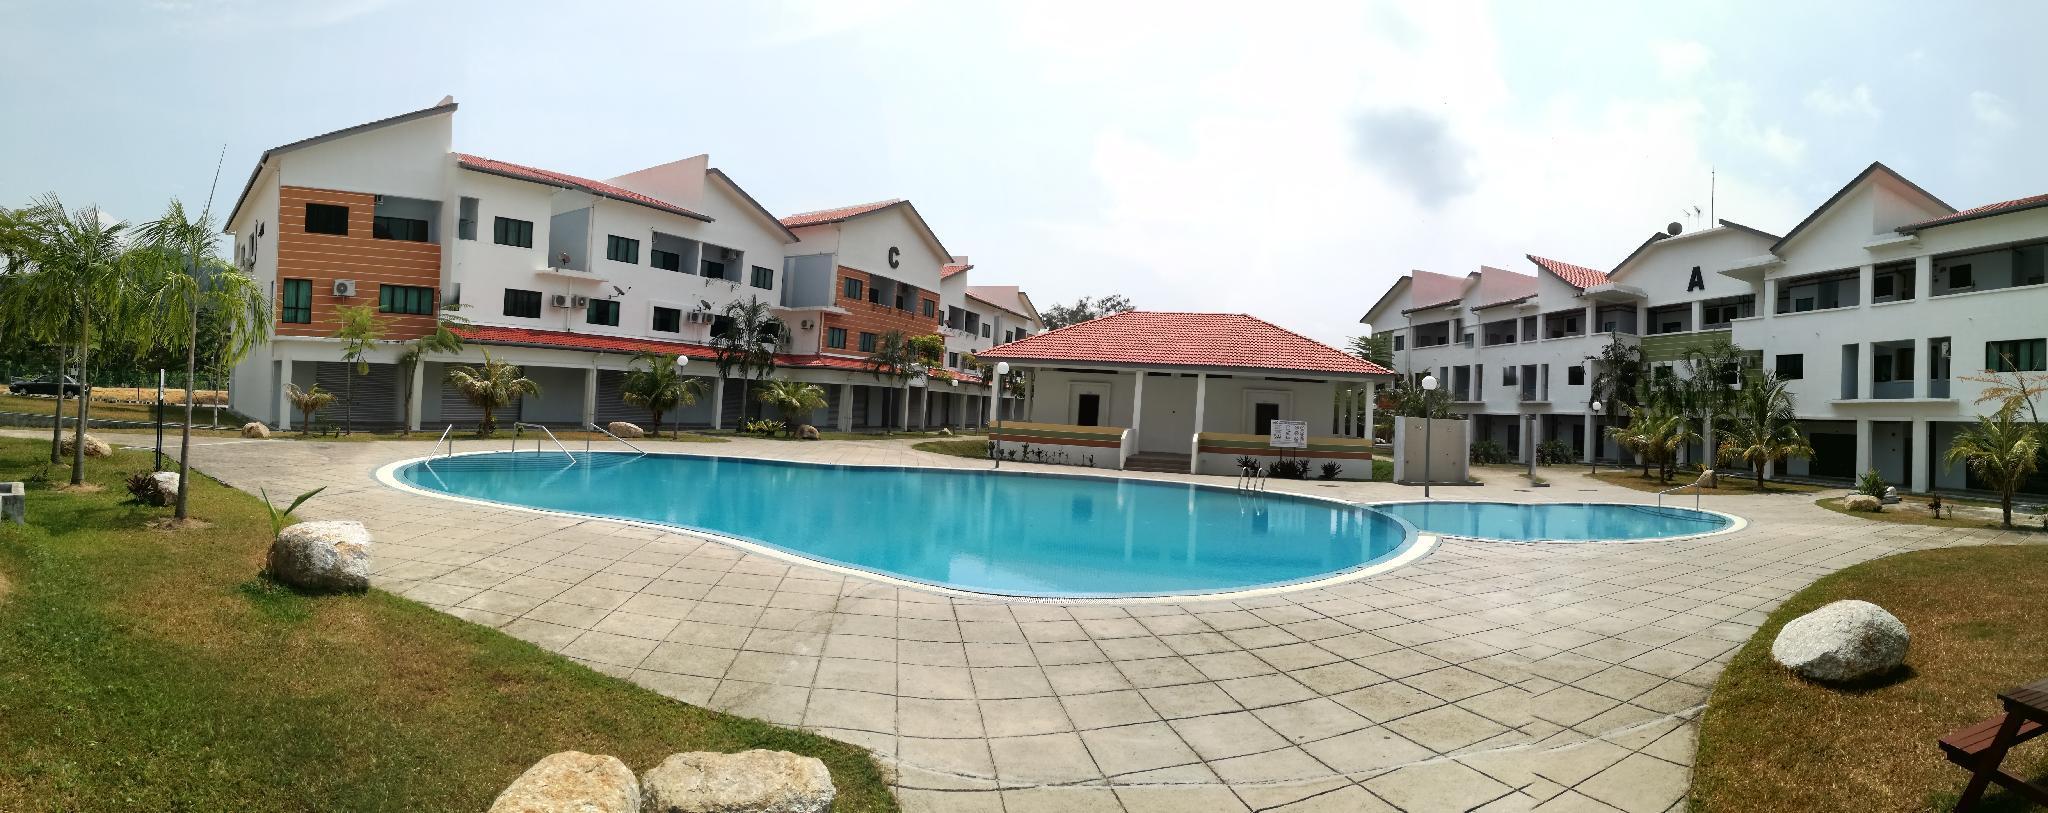 Pangkor Island Lot 10 Vacation Room